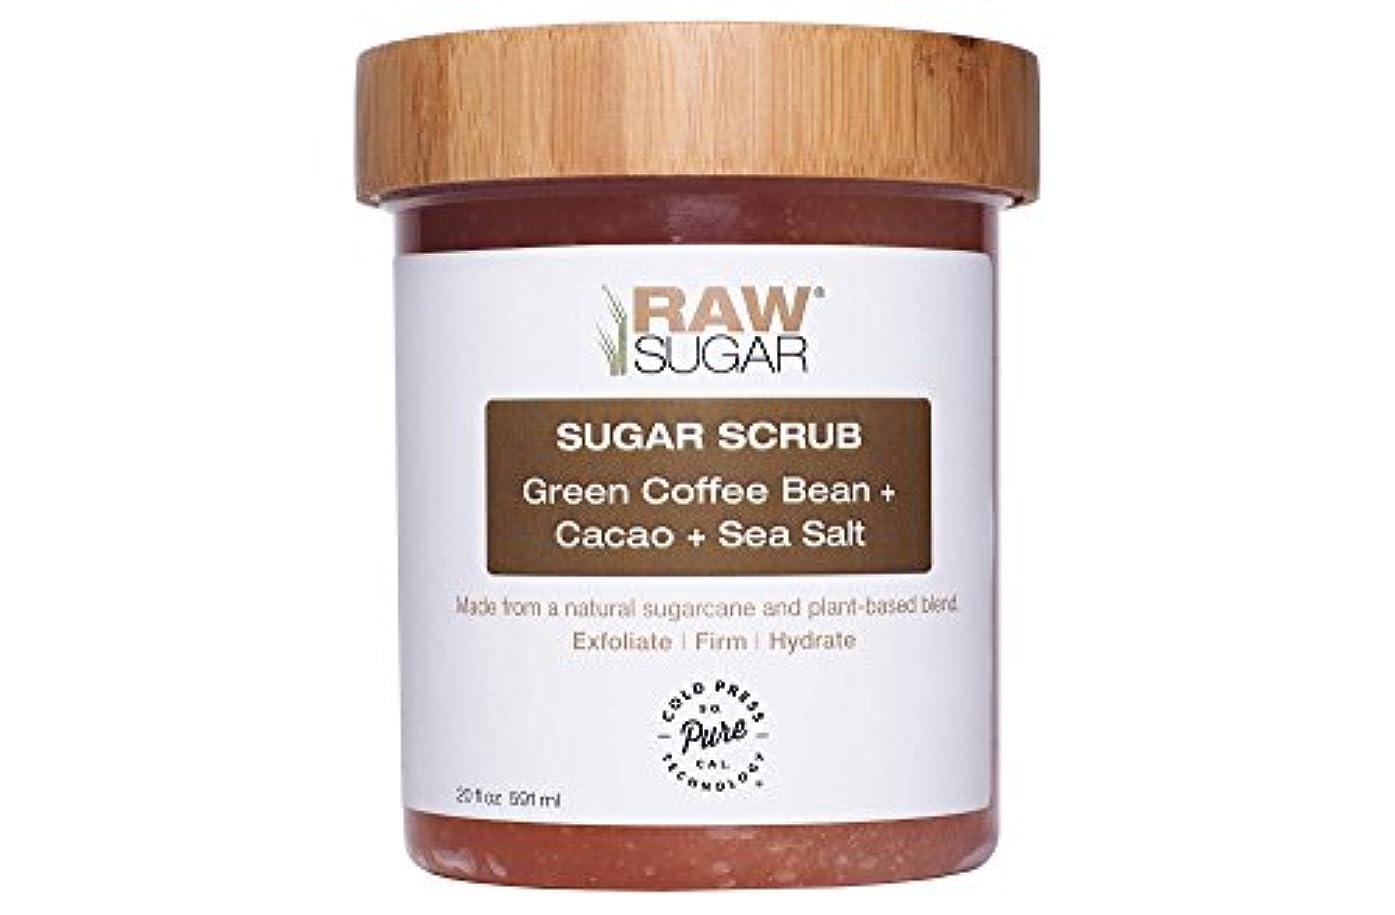 粘液肉腫ひばりRaw Sugar Body green coffee bean+cacao+sea salt Scrub 550ml コーヒー豆+カカオ+海塩スクラブボディウォッシュ [並行輸入品]